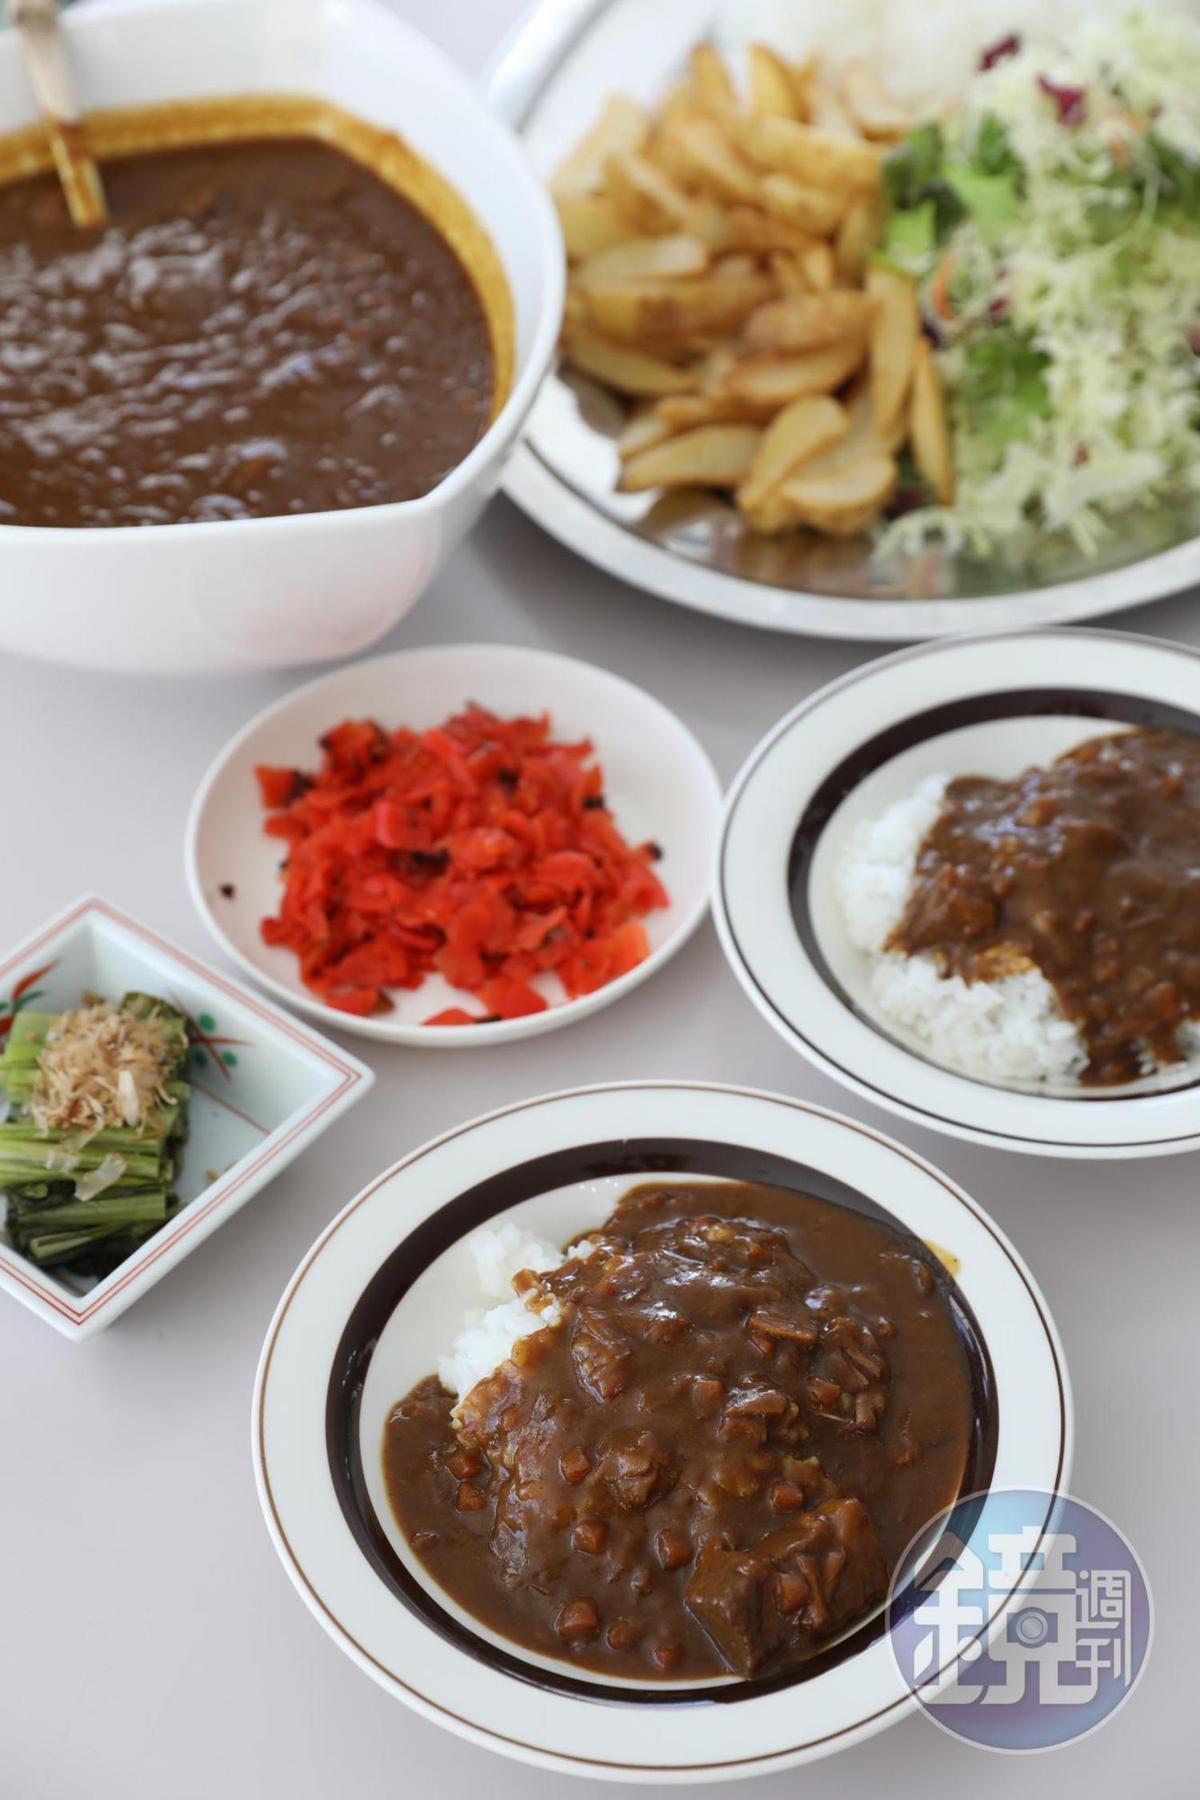 雪場餐廳的「超特大咖哩飯」,胃口再大也吃到撐。(4,500日圓/4人份,約NT$1,260)